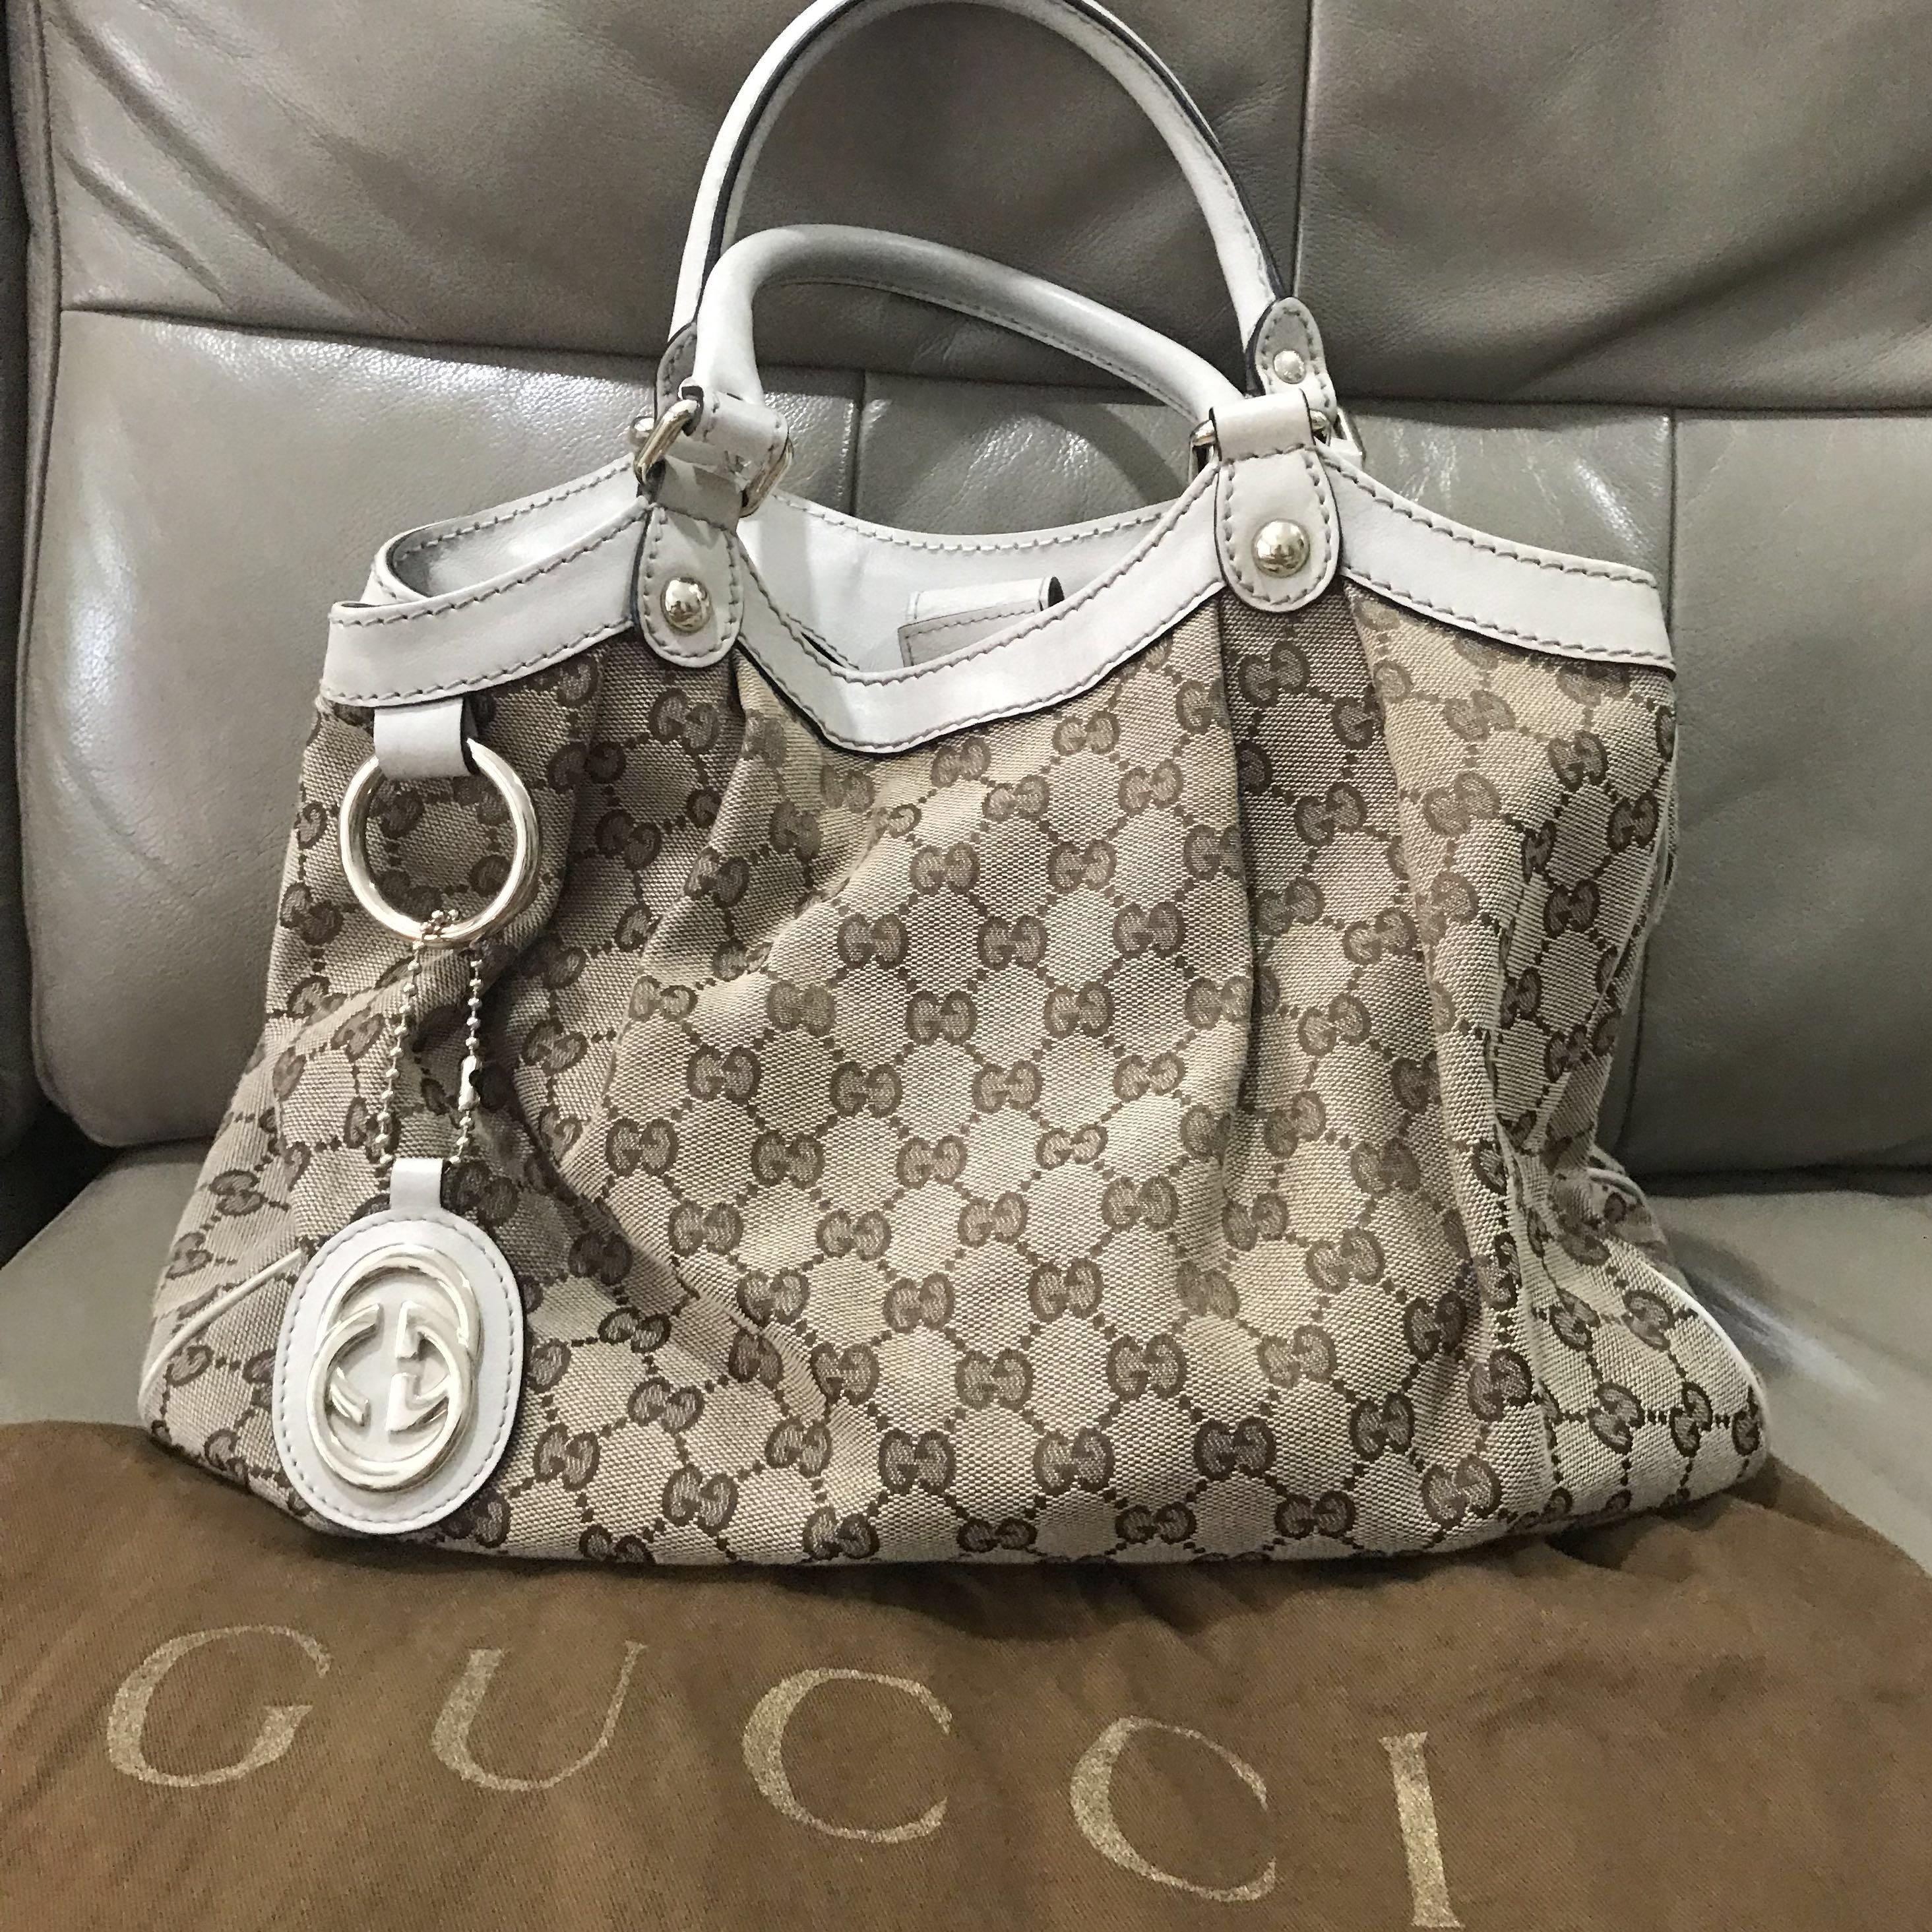 49f758490b0149 Gucci Sukey Medium Beige leather handbag, Luxury, Bags & Wallets ...